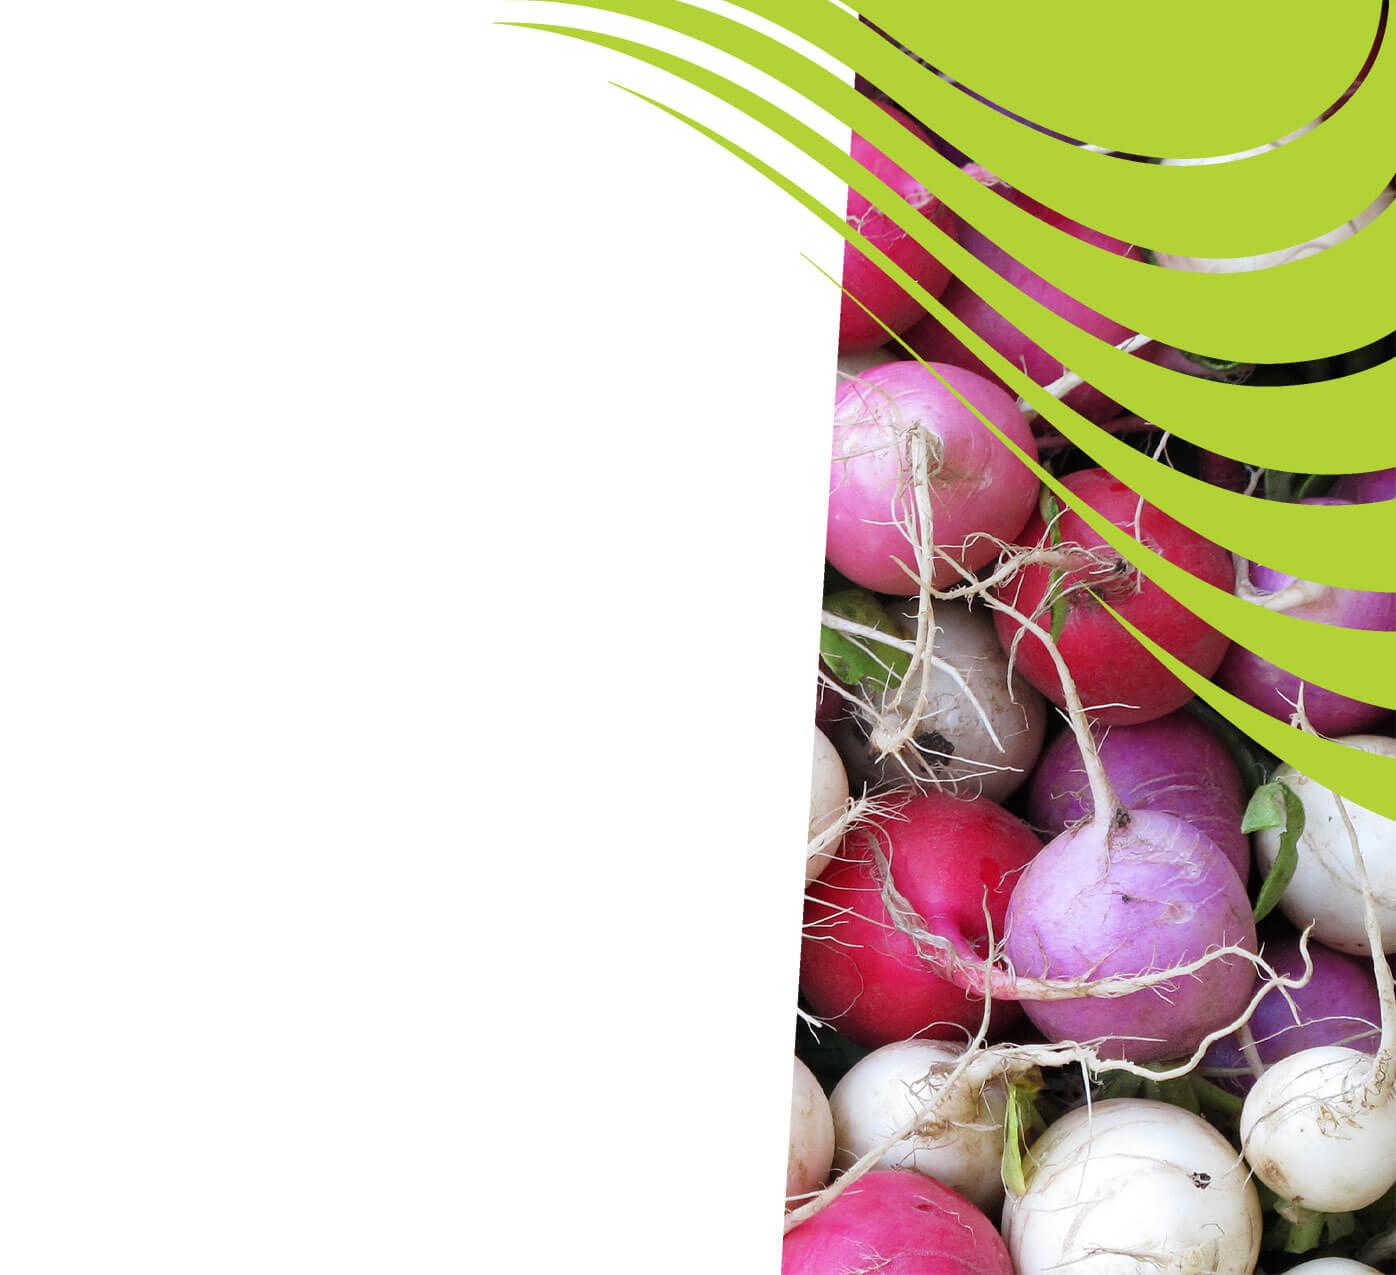 fertiliser for radishes